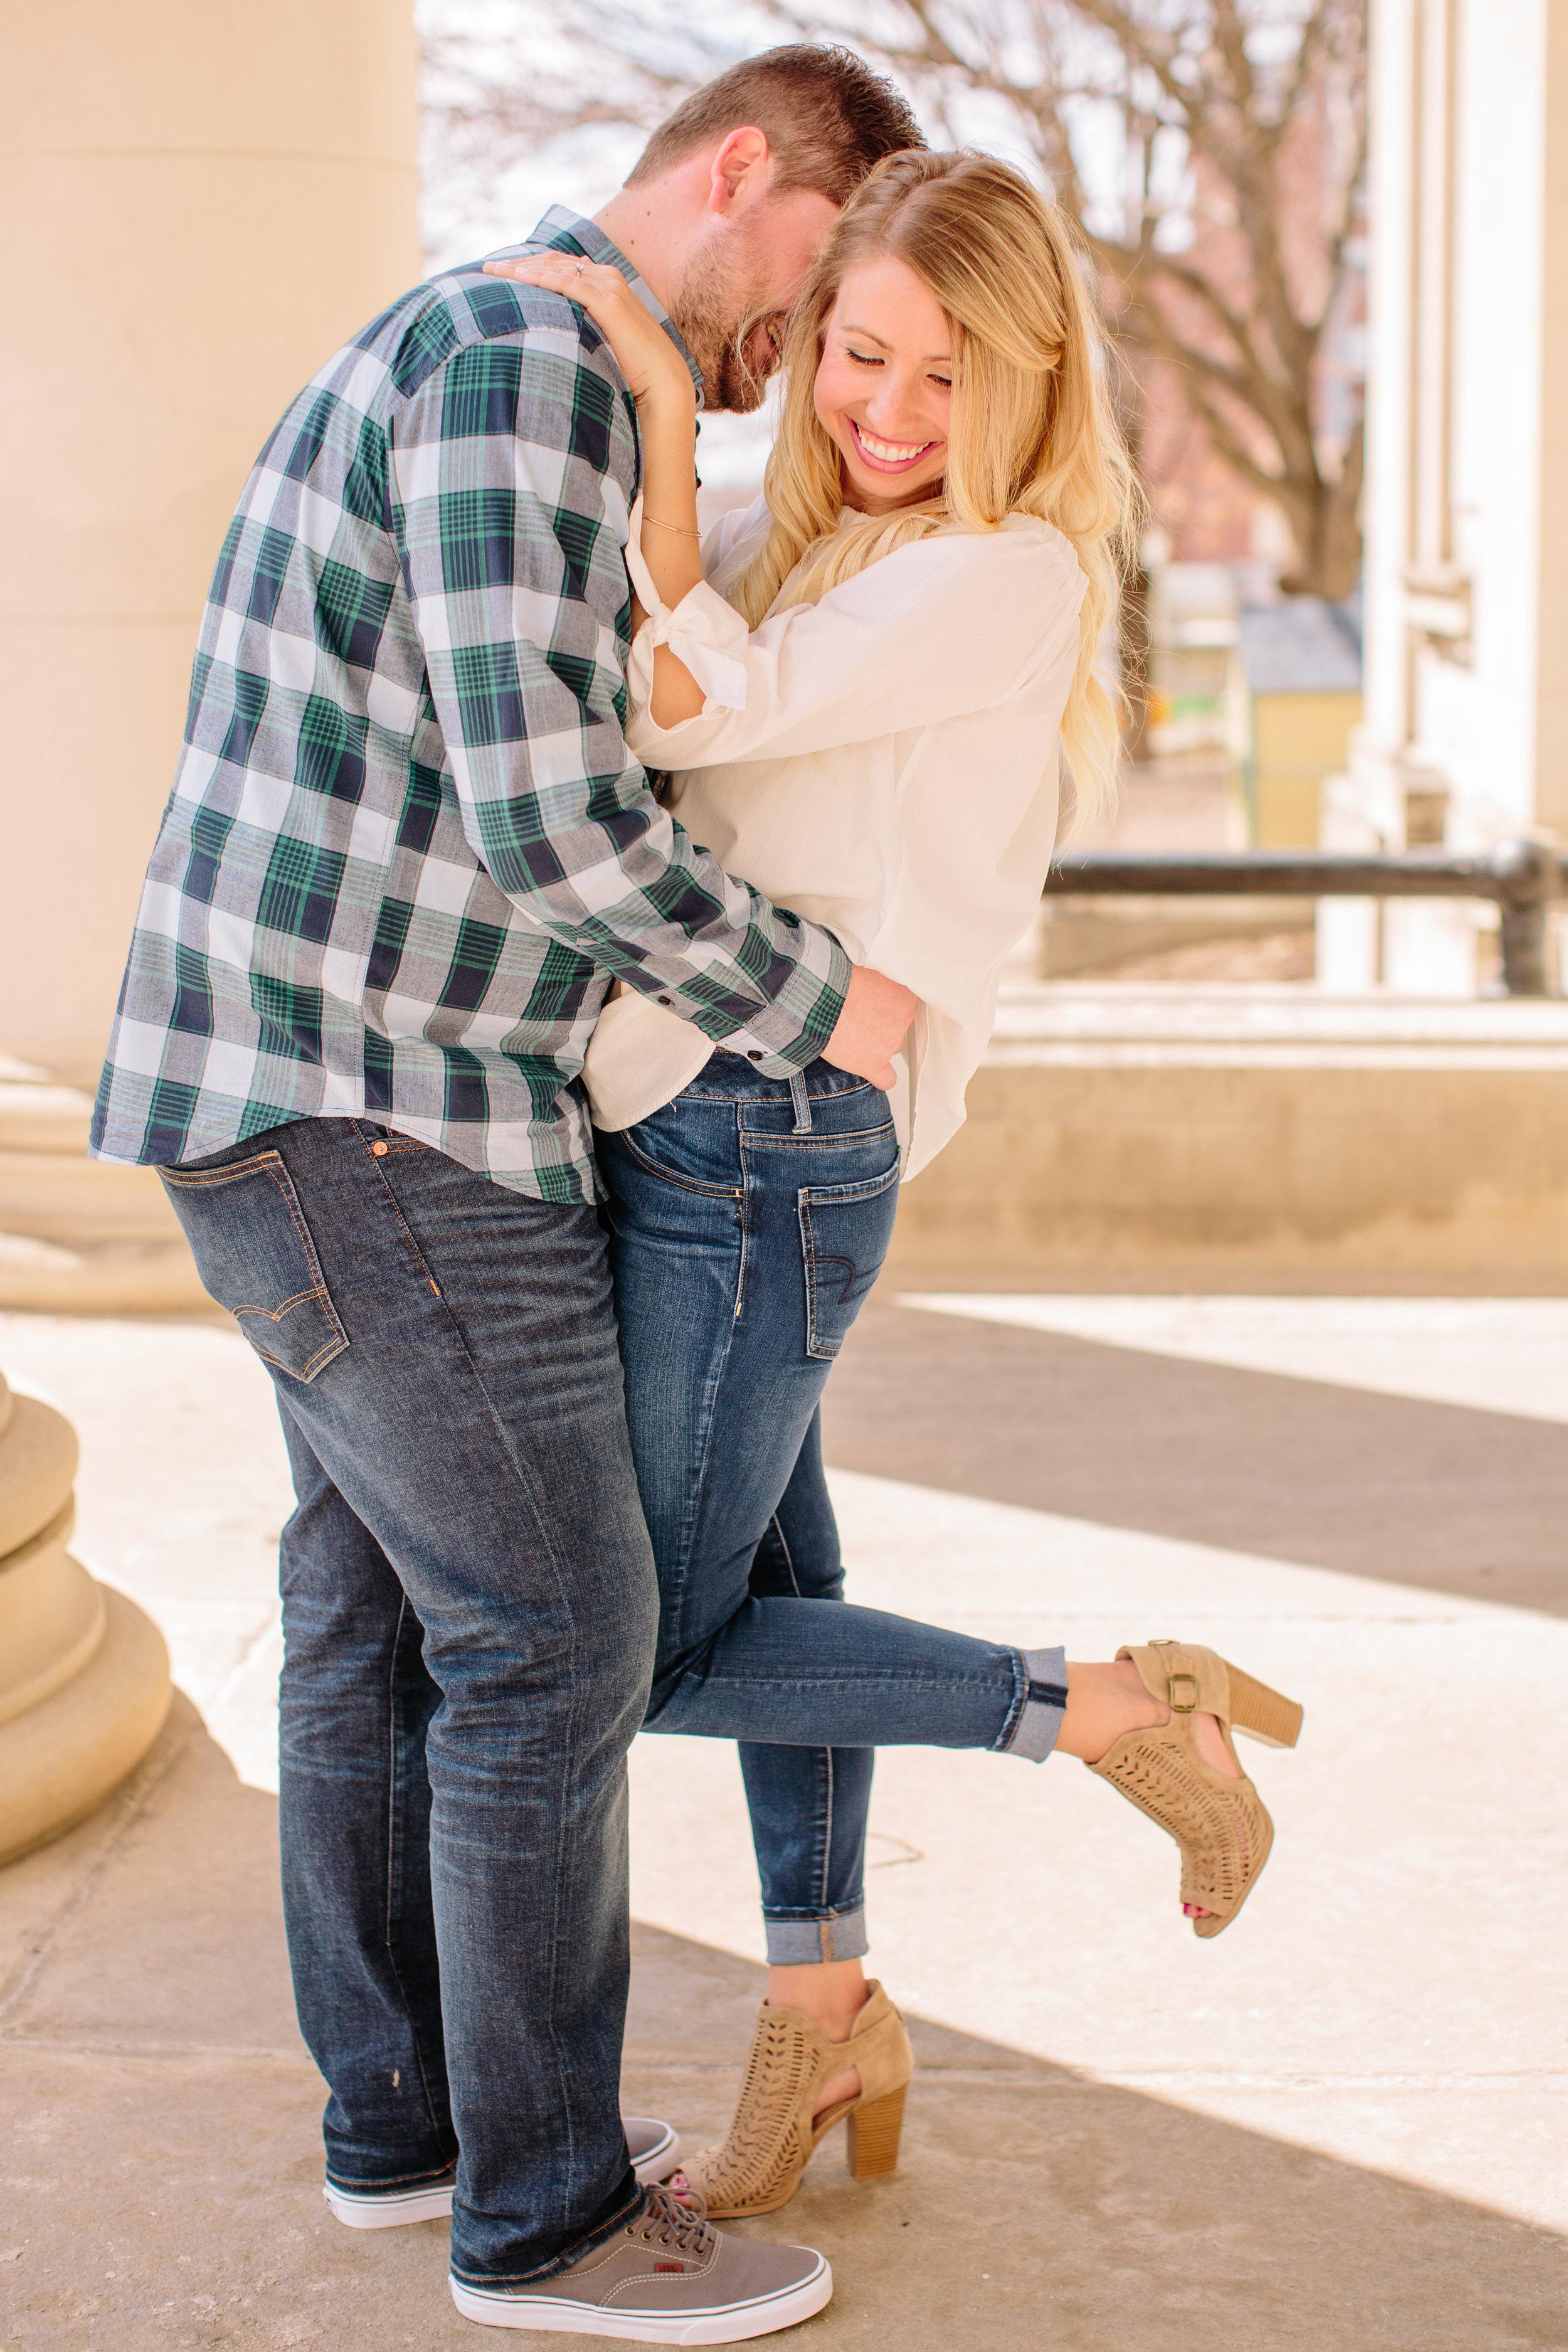 Des Moines downtown engagement photos